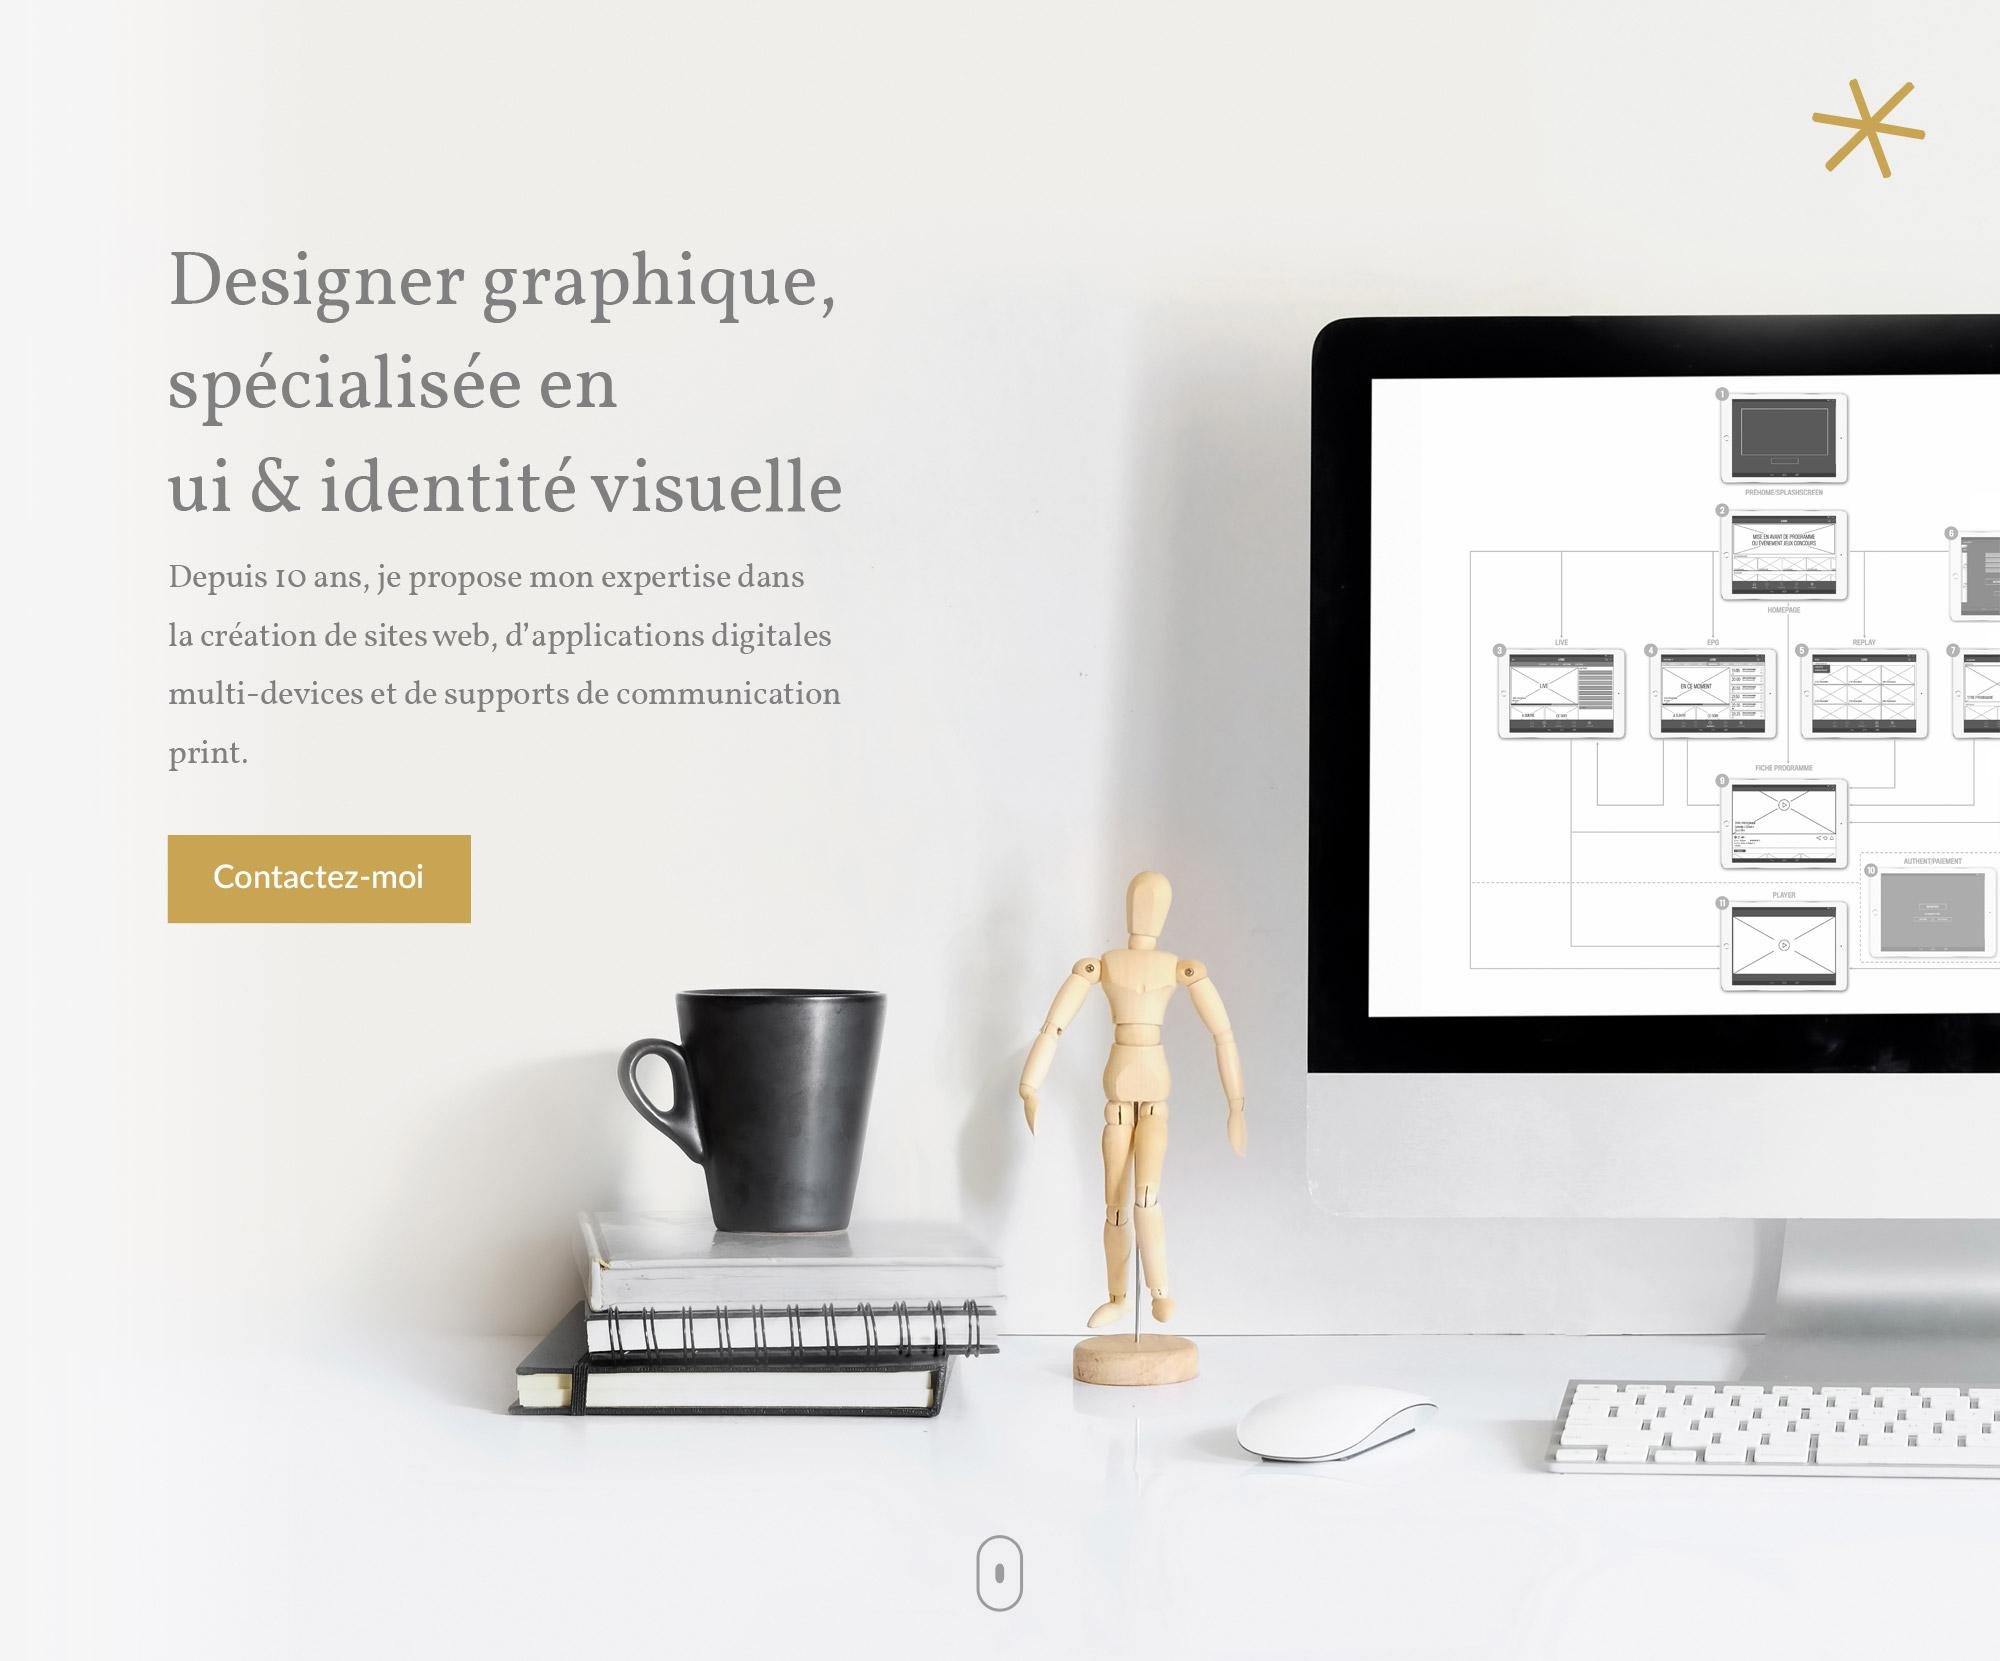 Designer graphique, spécialisée en ui & identité visuelle